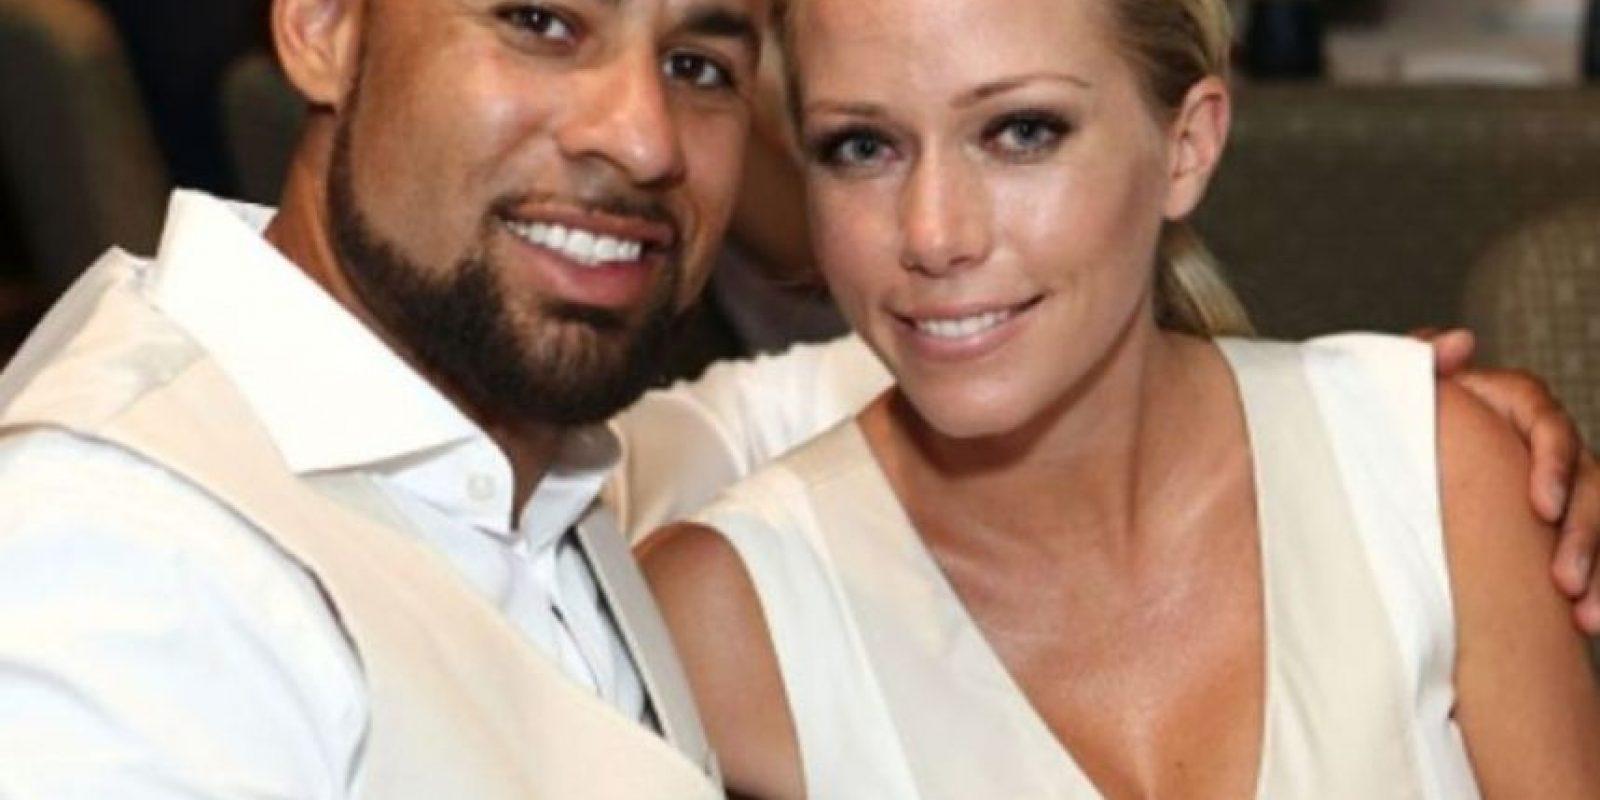 Se dice que Hank Baskett engañó a Kendra Wilkinson con un transexual cuando ella estaba embarazada. Foto:Getty Images